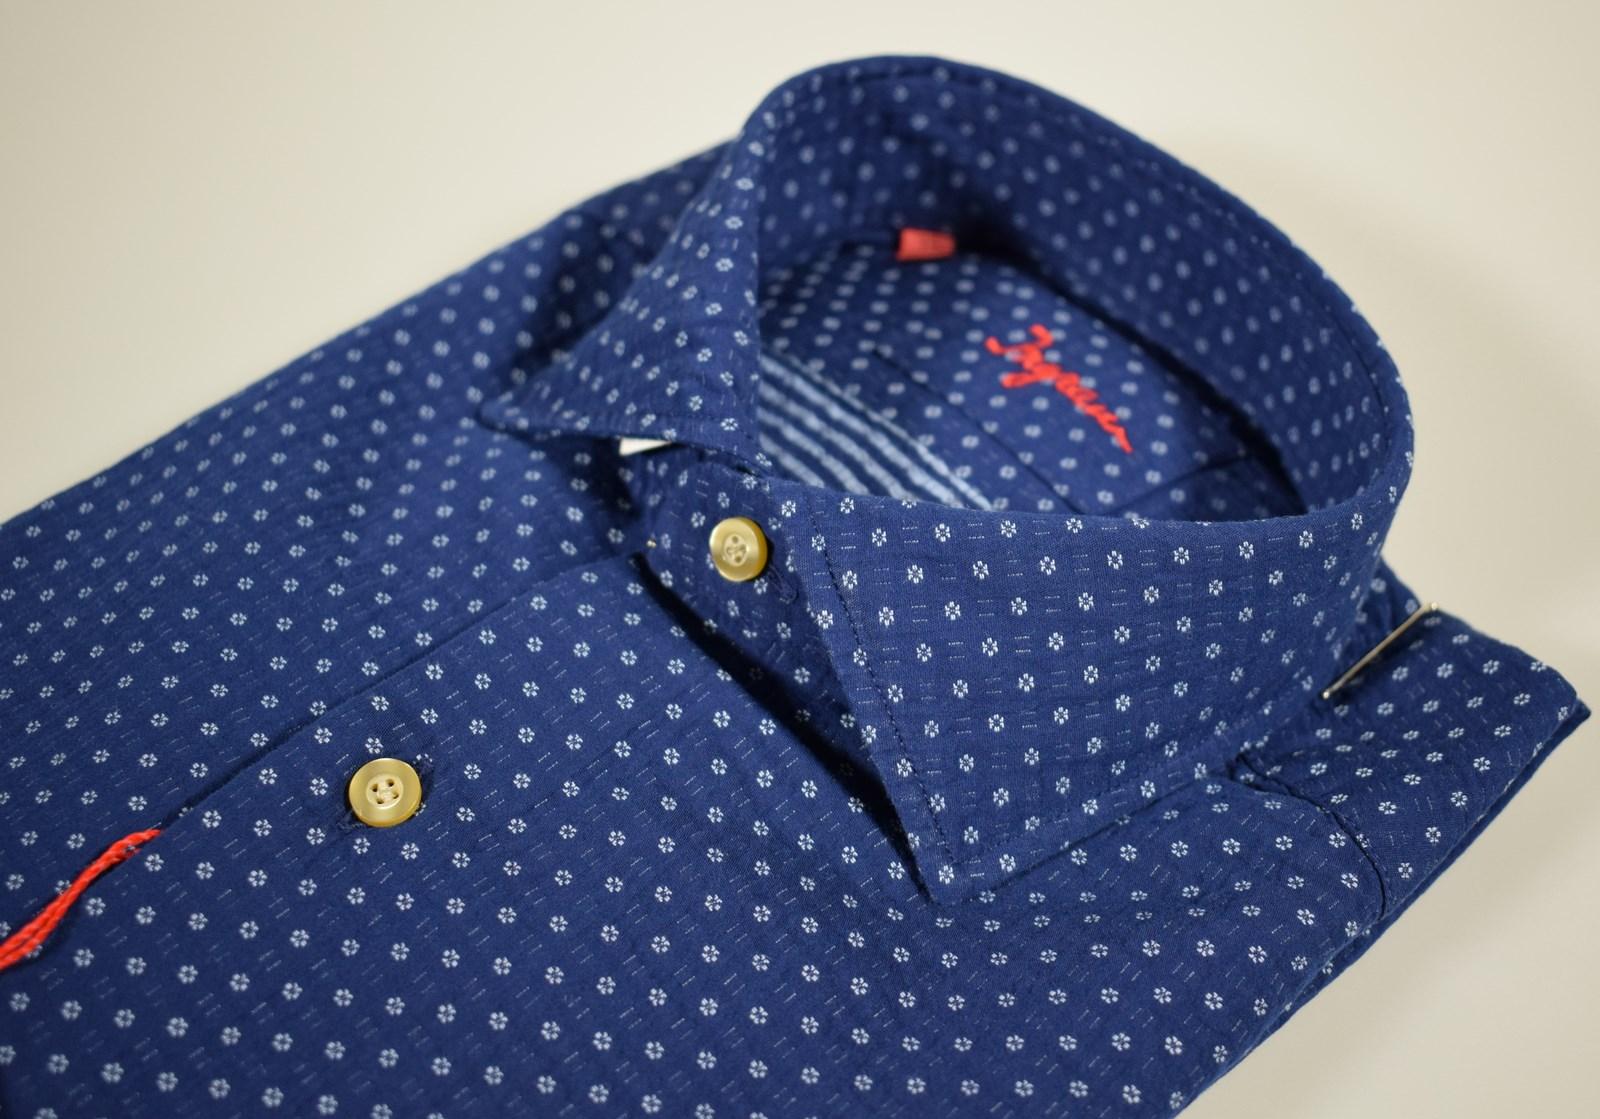 b5232708f8 Dettagli su Camicia moda Ingram in cotone slim fit Blu micro disegno  azzurro collo francese